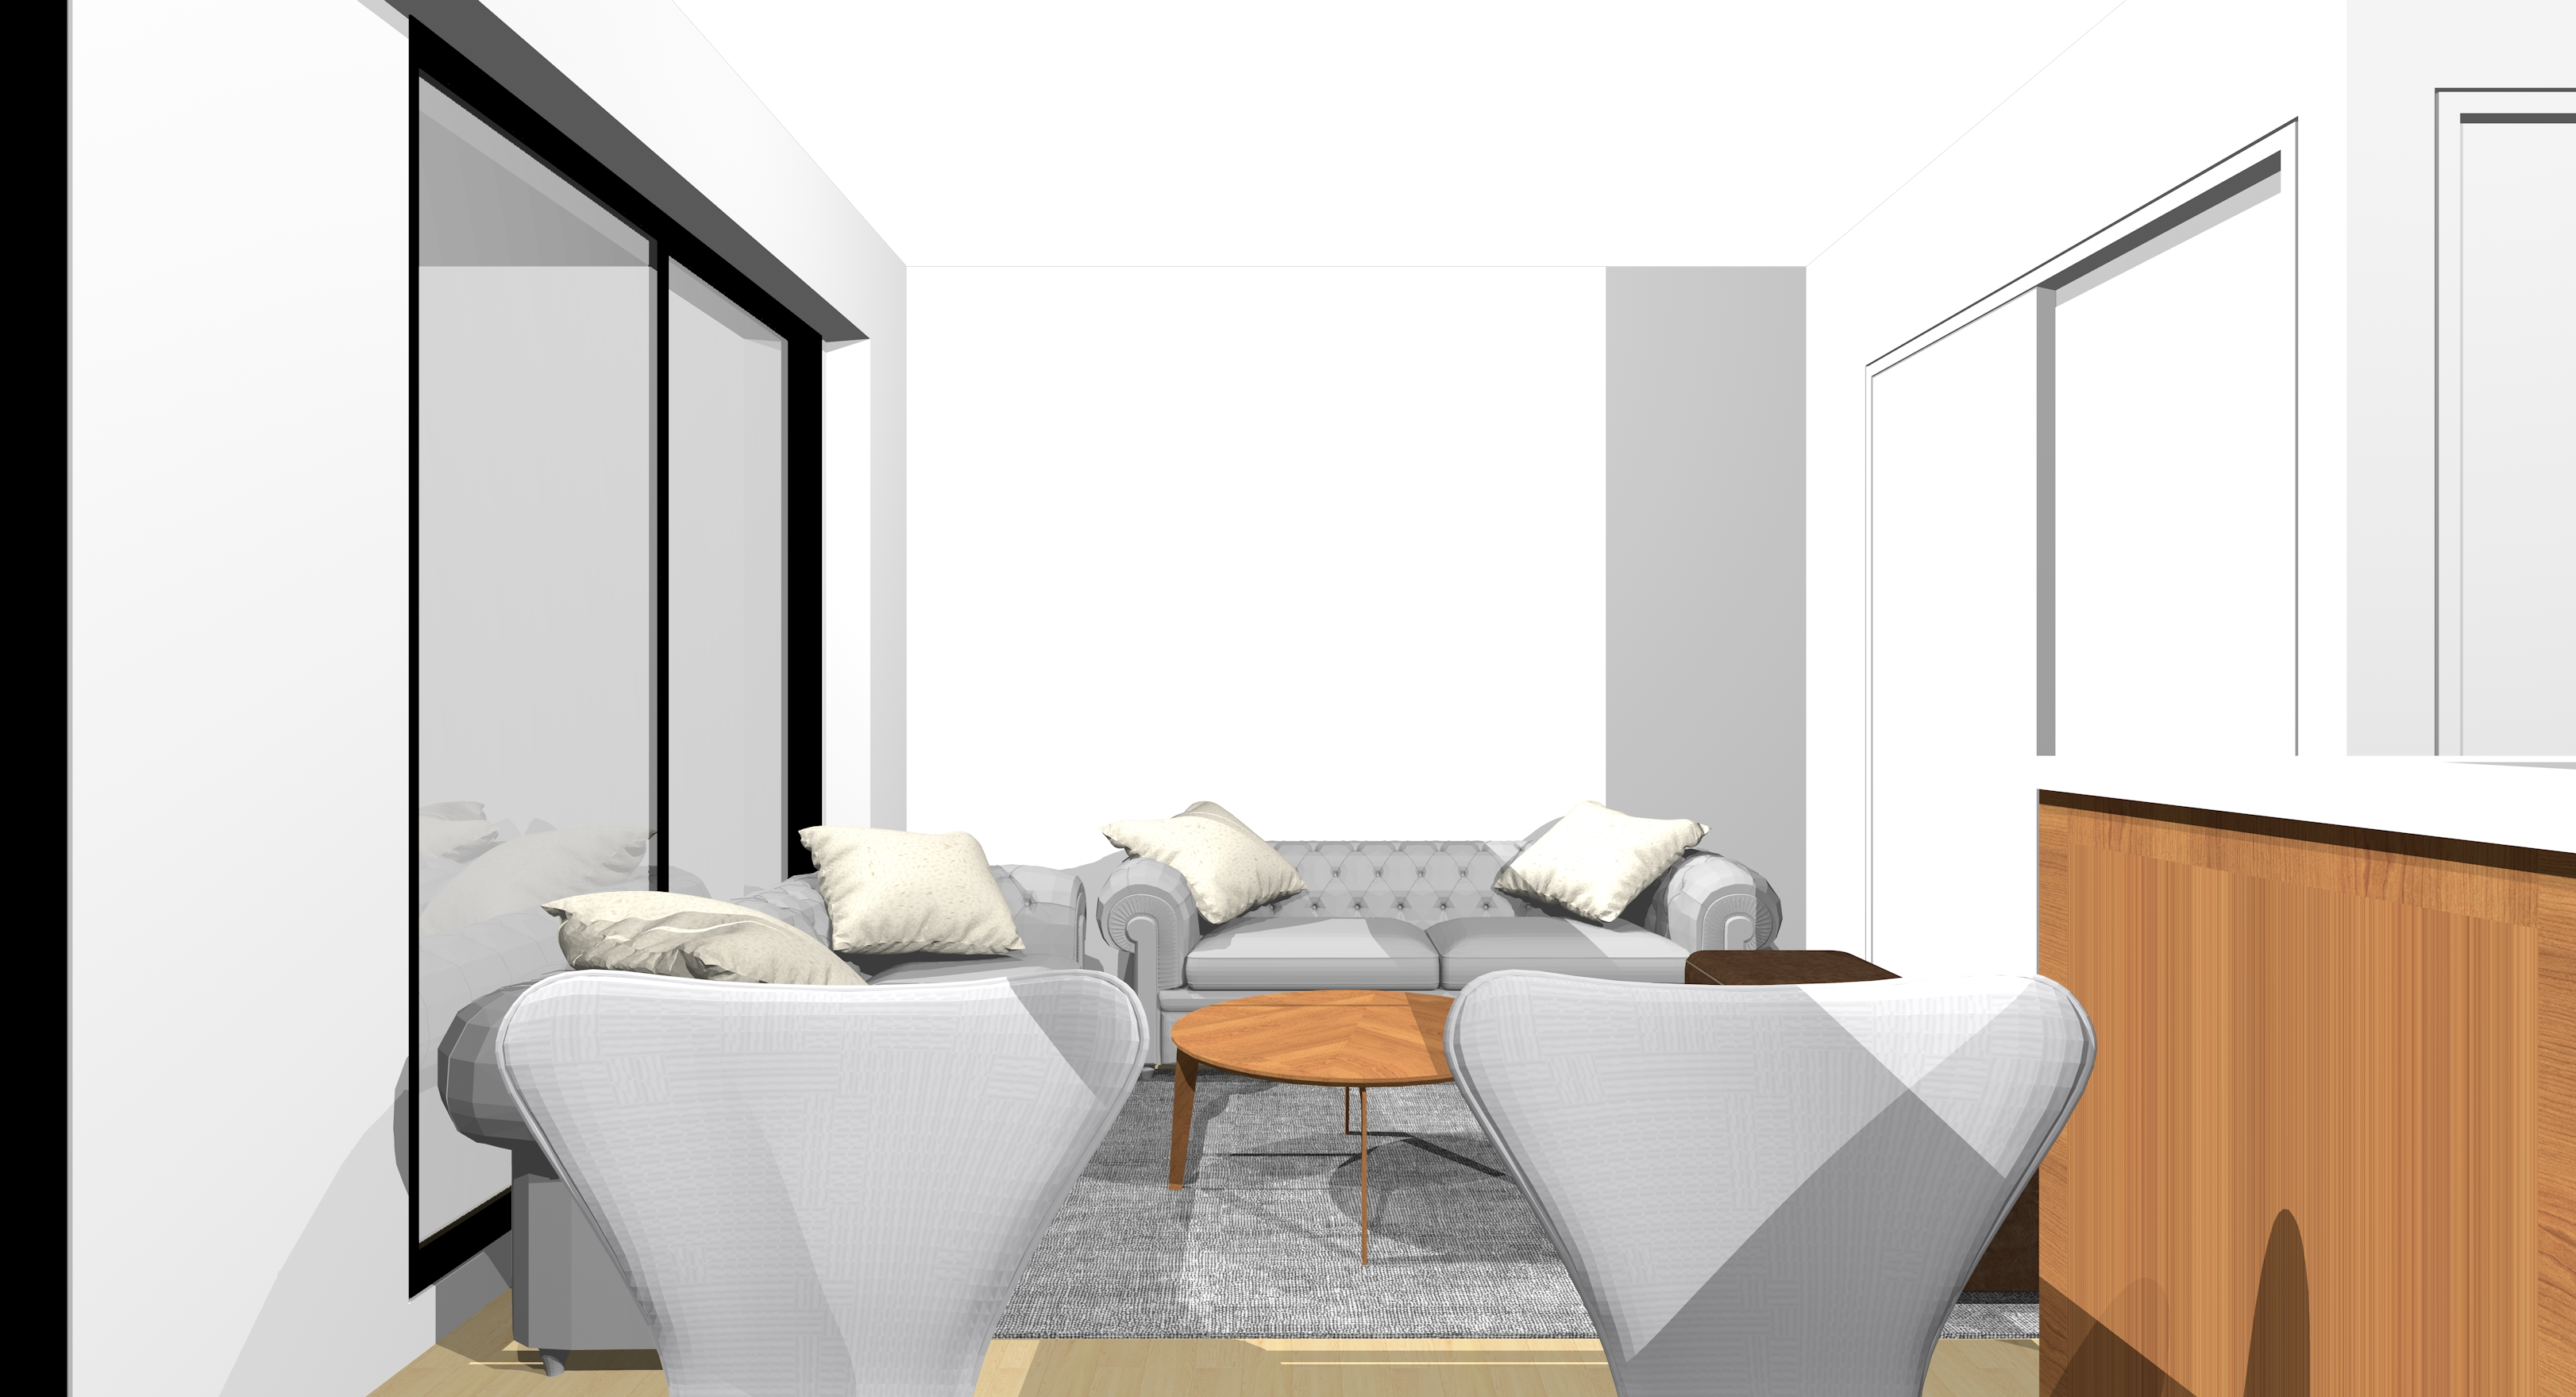 窓と短い壁(①)に1台ずつソファを置いた横長リビングをダイニングから見た図